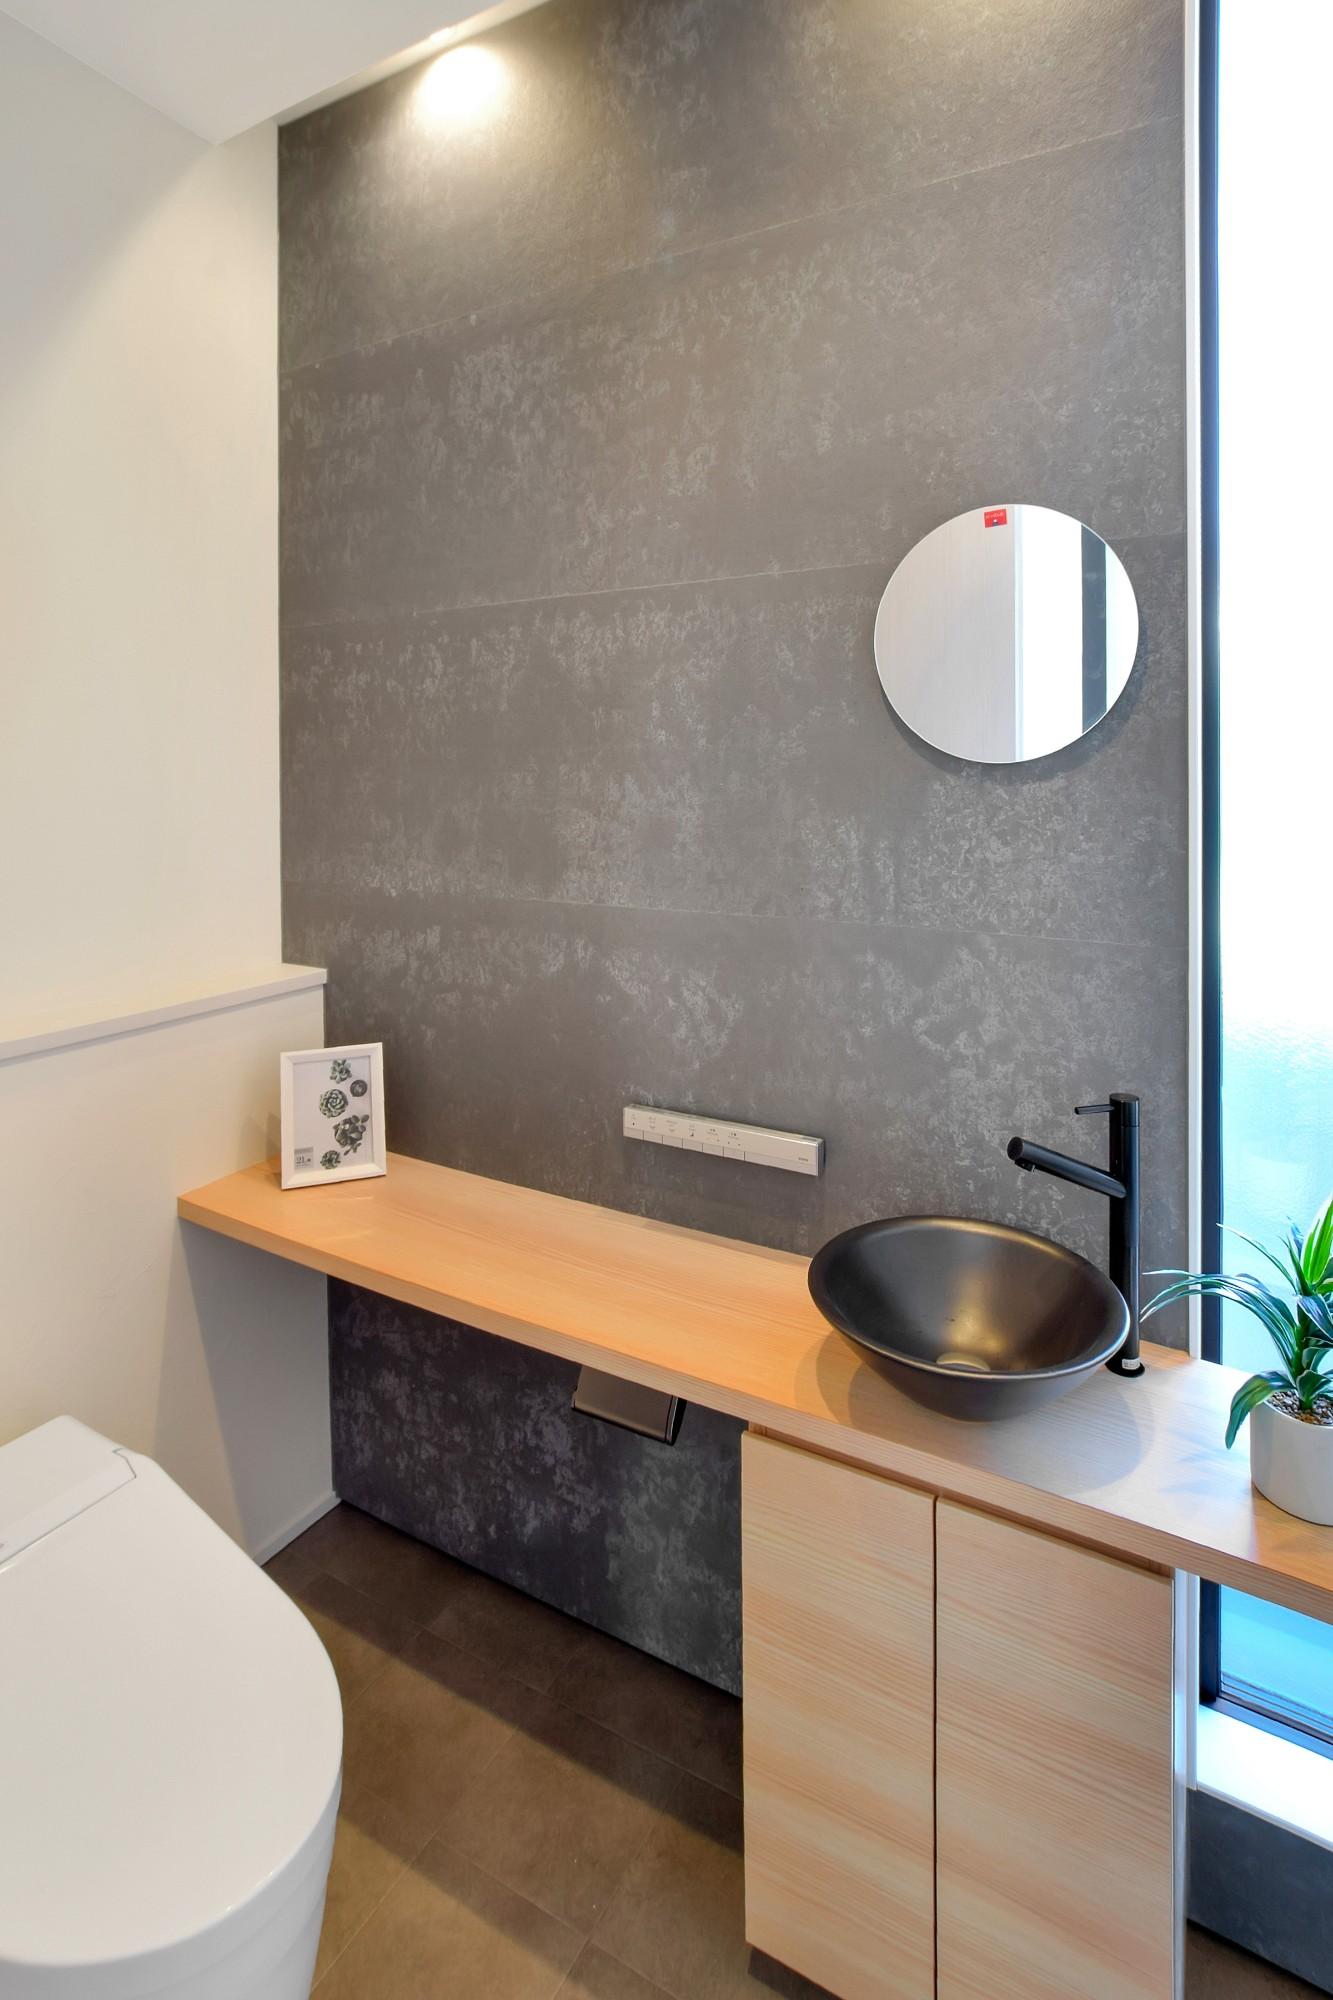 DETAIL HOME(ディテールホーム)「L字型LDKとプライベートデッキのある生活」のシンプル・ナチュラルなトイレの実例写真